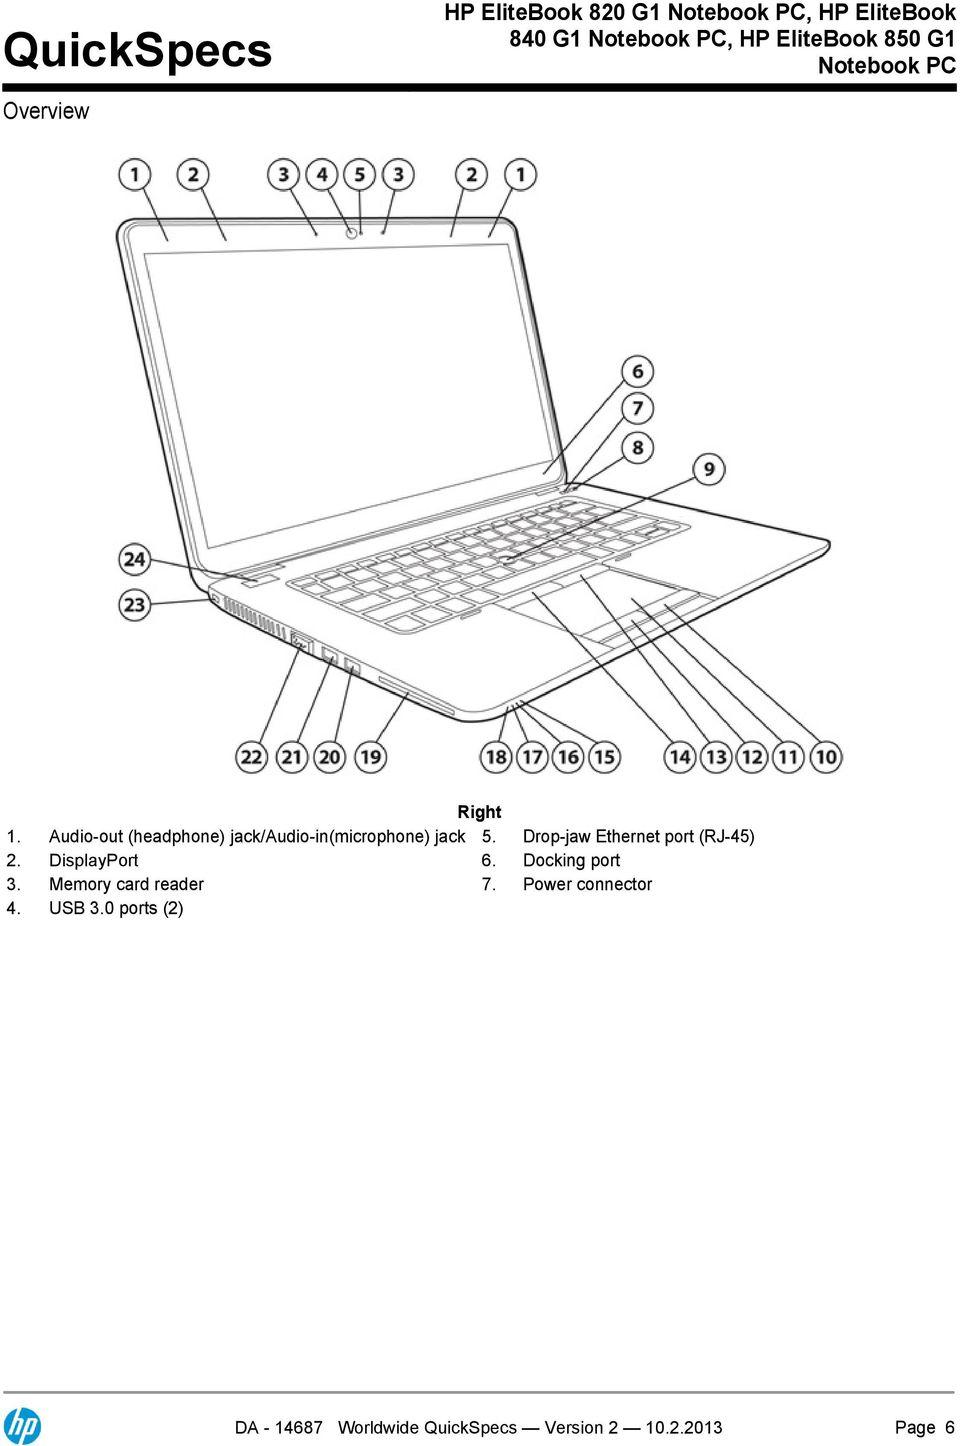 QuickSpecs. HP EliteBook 820 Notebook PC. HP EliteBook 820